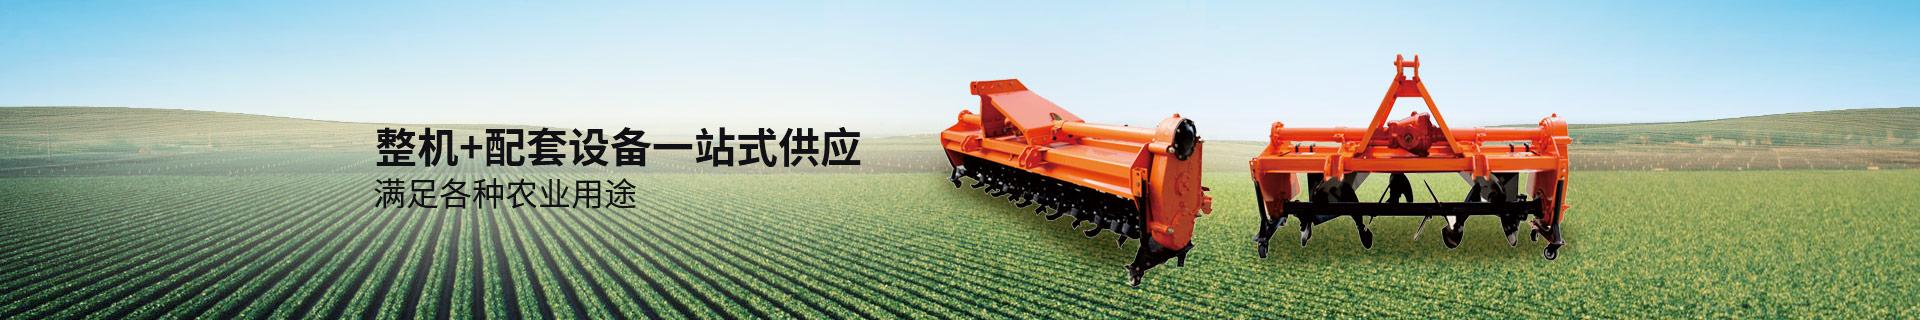 富佳科技,整机+配套设备一站式供应,满足各农业用途